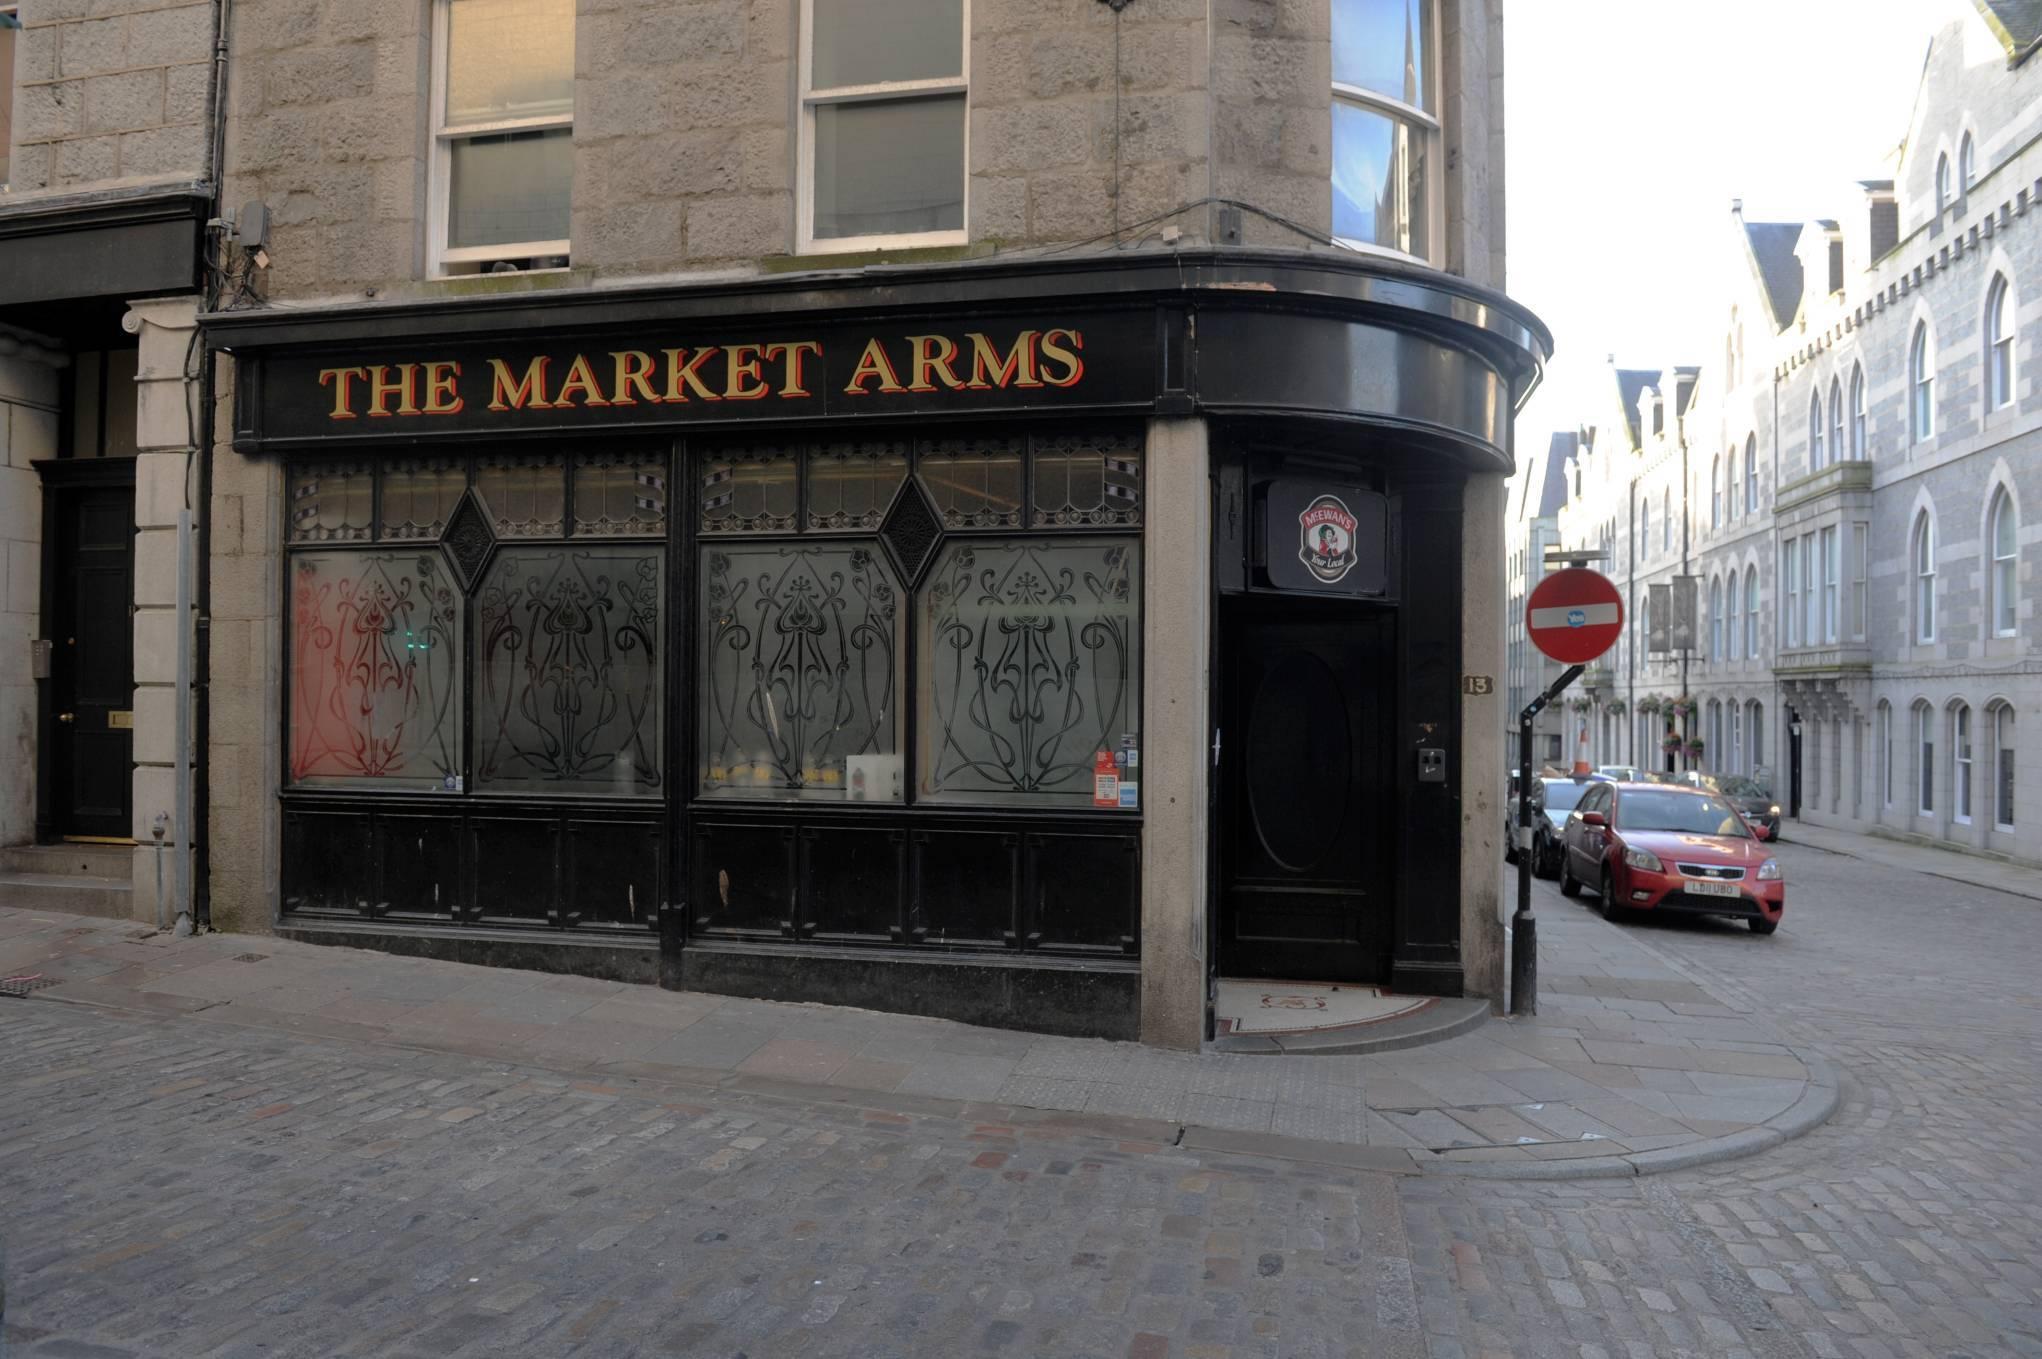 The Market Arms on Hadden Street.